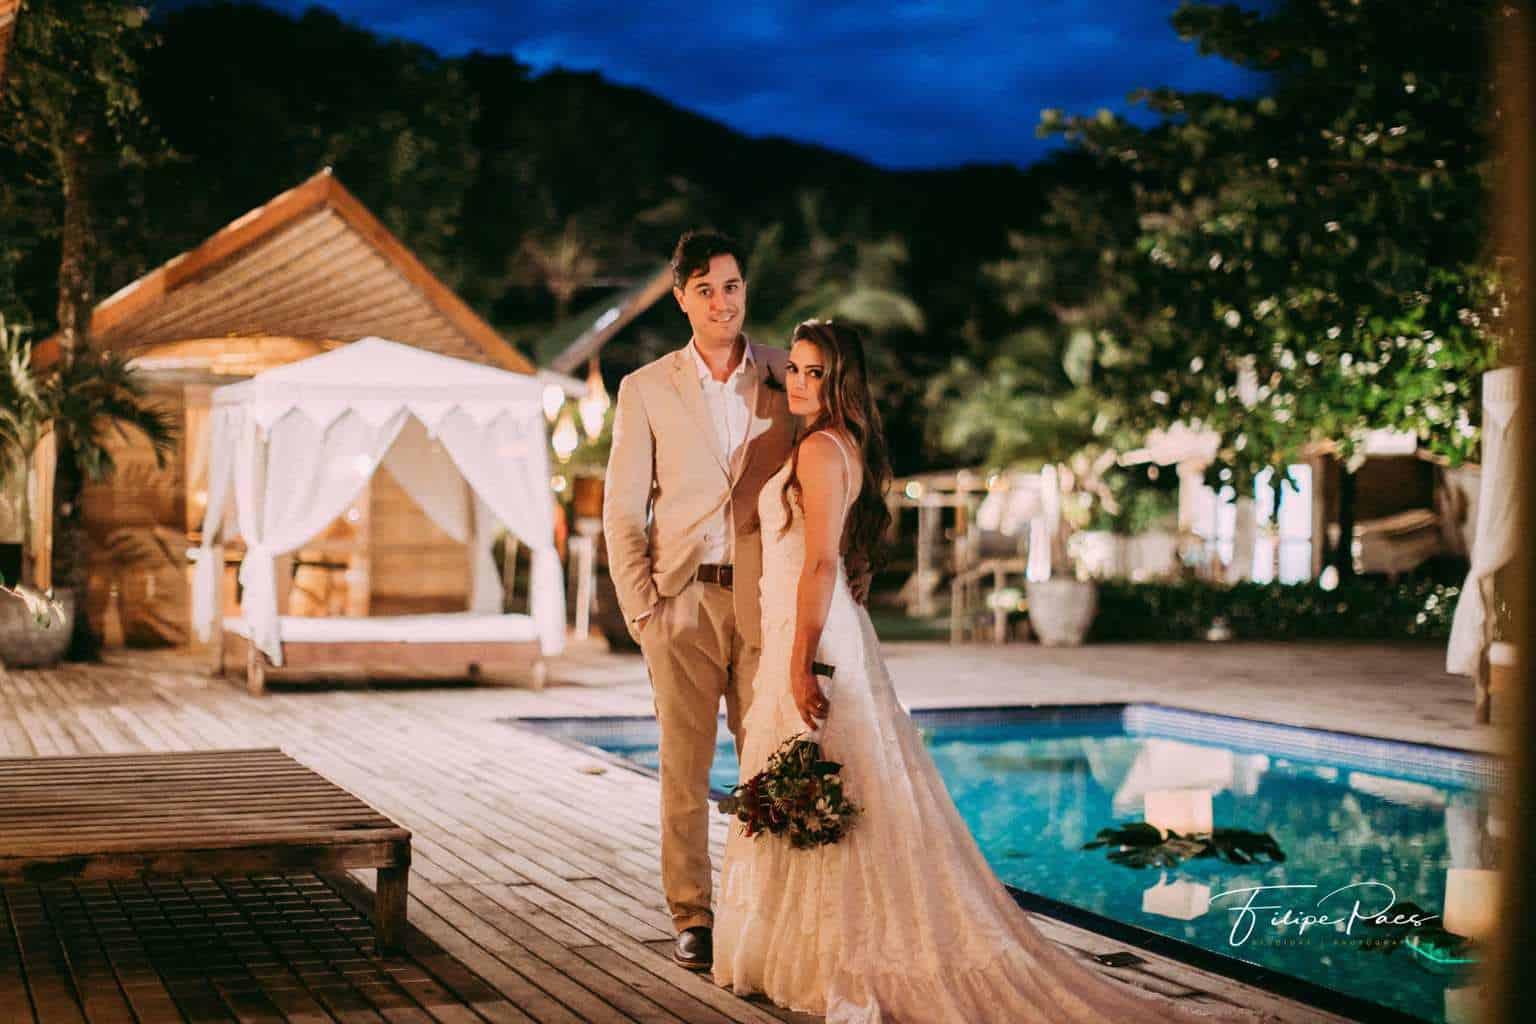 casamento-ao-ar-livre-casamento-de-dia-casamento-Maira-e-Erick-casamento-na-praia-ensaio-noivos-Fotografia-Filipe-Paes-Studio-47-Luaia-Cabanas-Maresias-noivos-São-Paulo-26-1